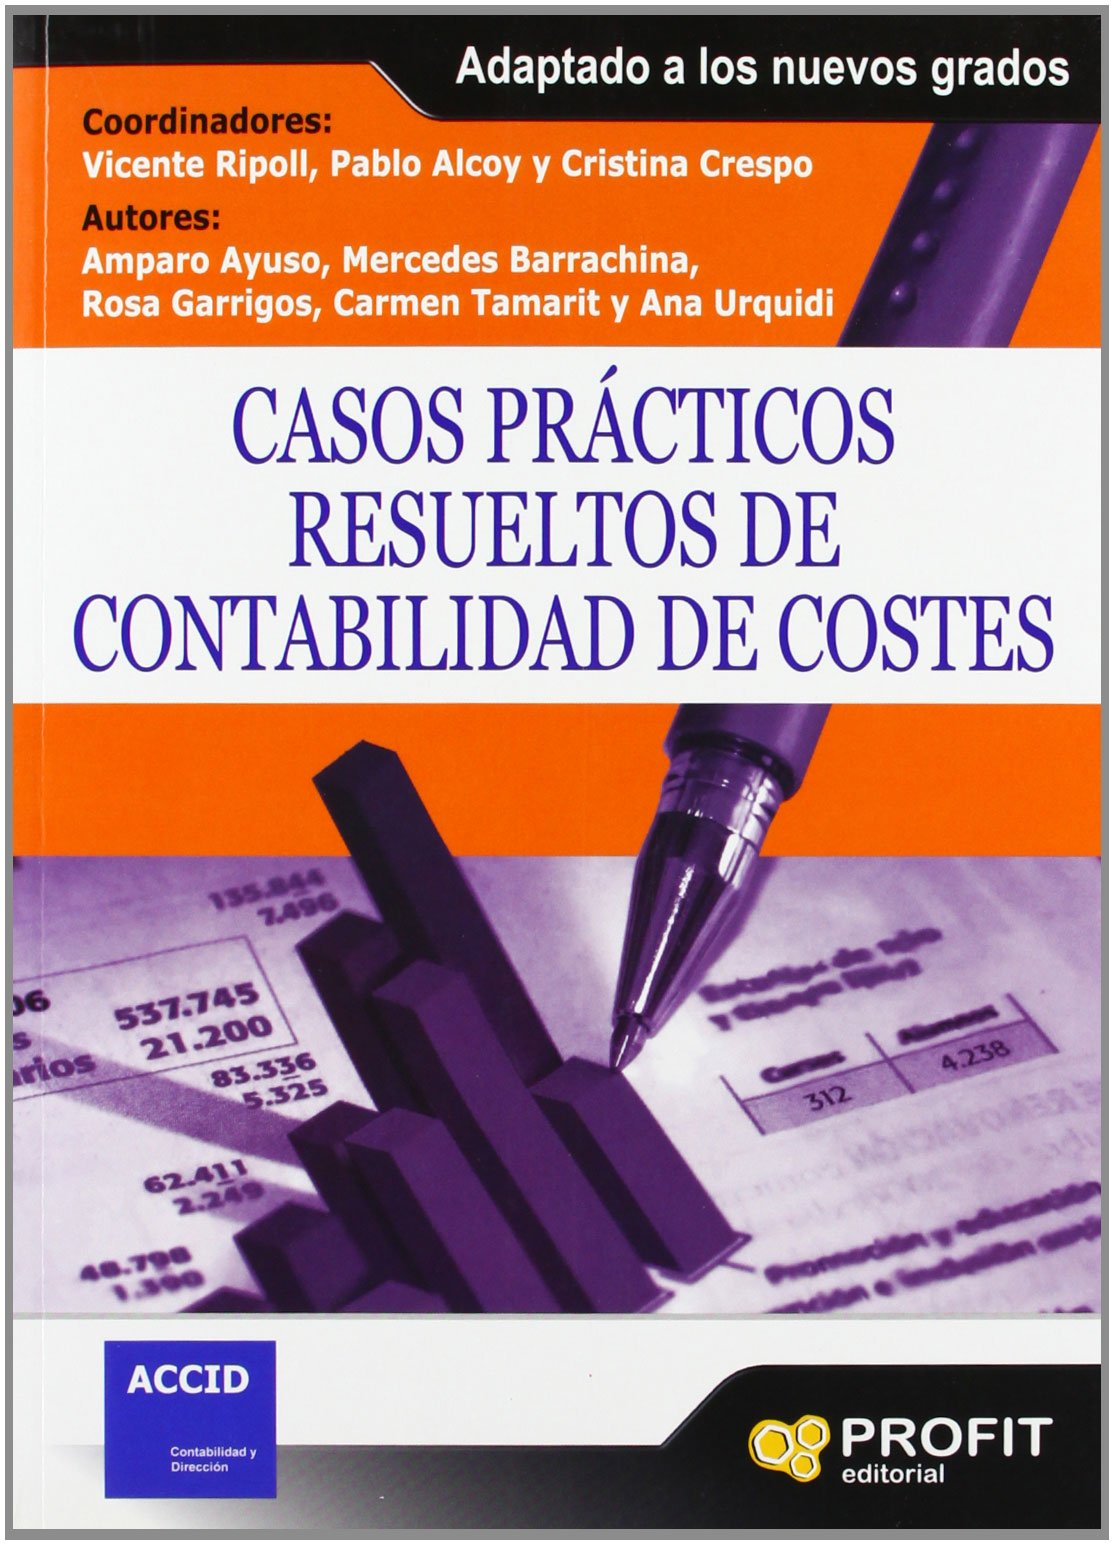 Casos prácticos resueltos de contabilidad de costes: Adaptado a los nuevos grados Tapa blanda – 1 oct 2011 Vicente Ripoll Profit Editorial 8492956259 1820477